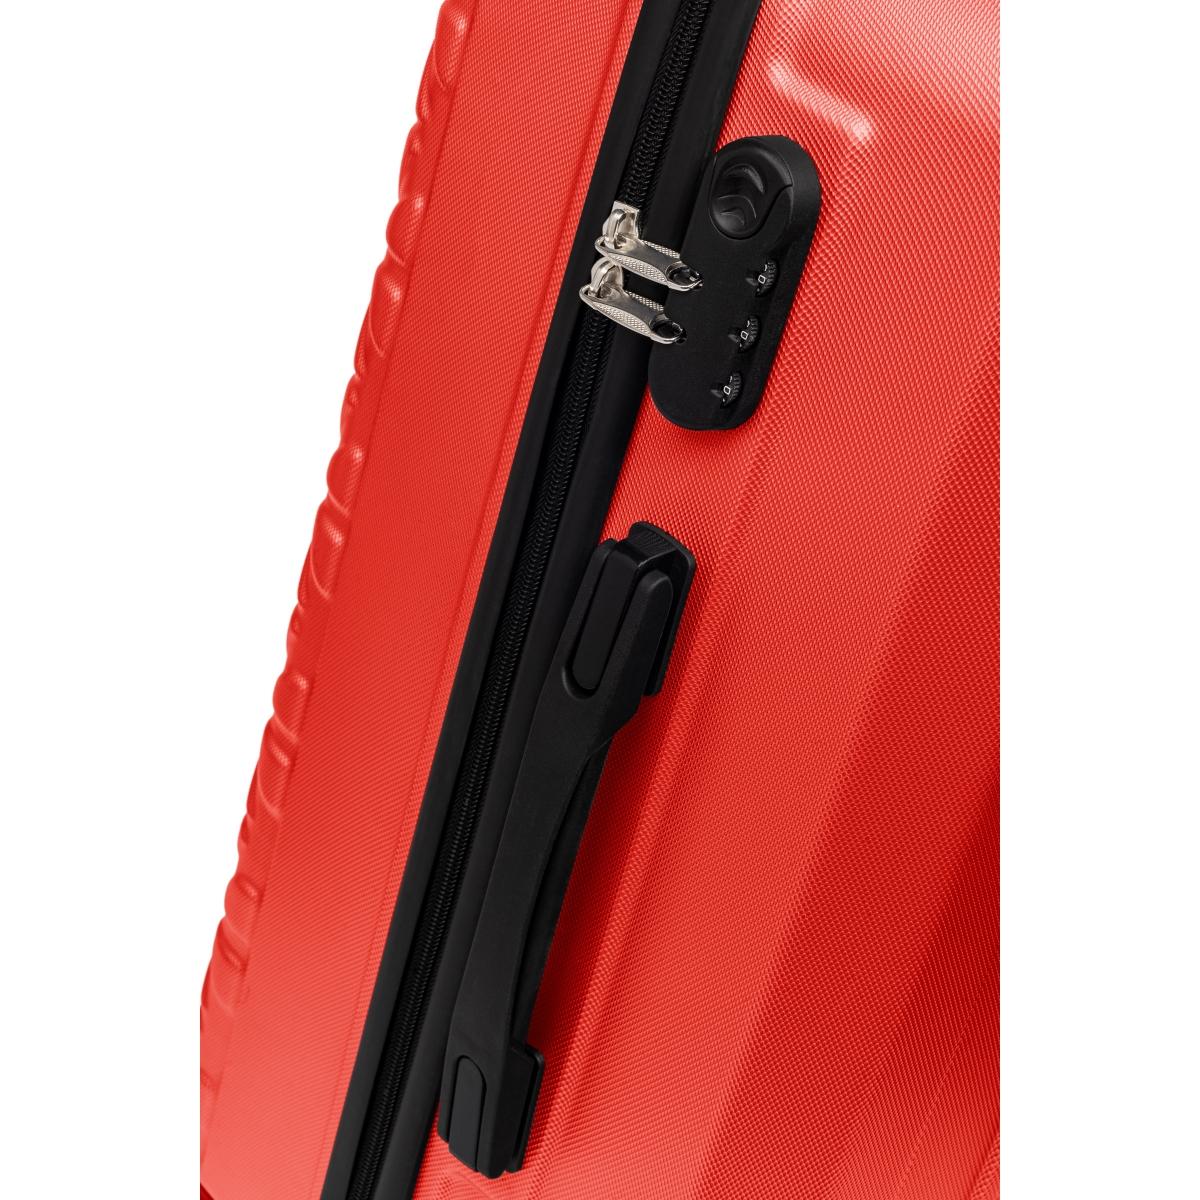 Gedox Abs 3'lü Valiz Seyahat Seti - Model:800.14 Kırmızı